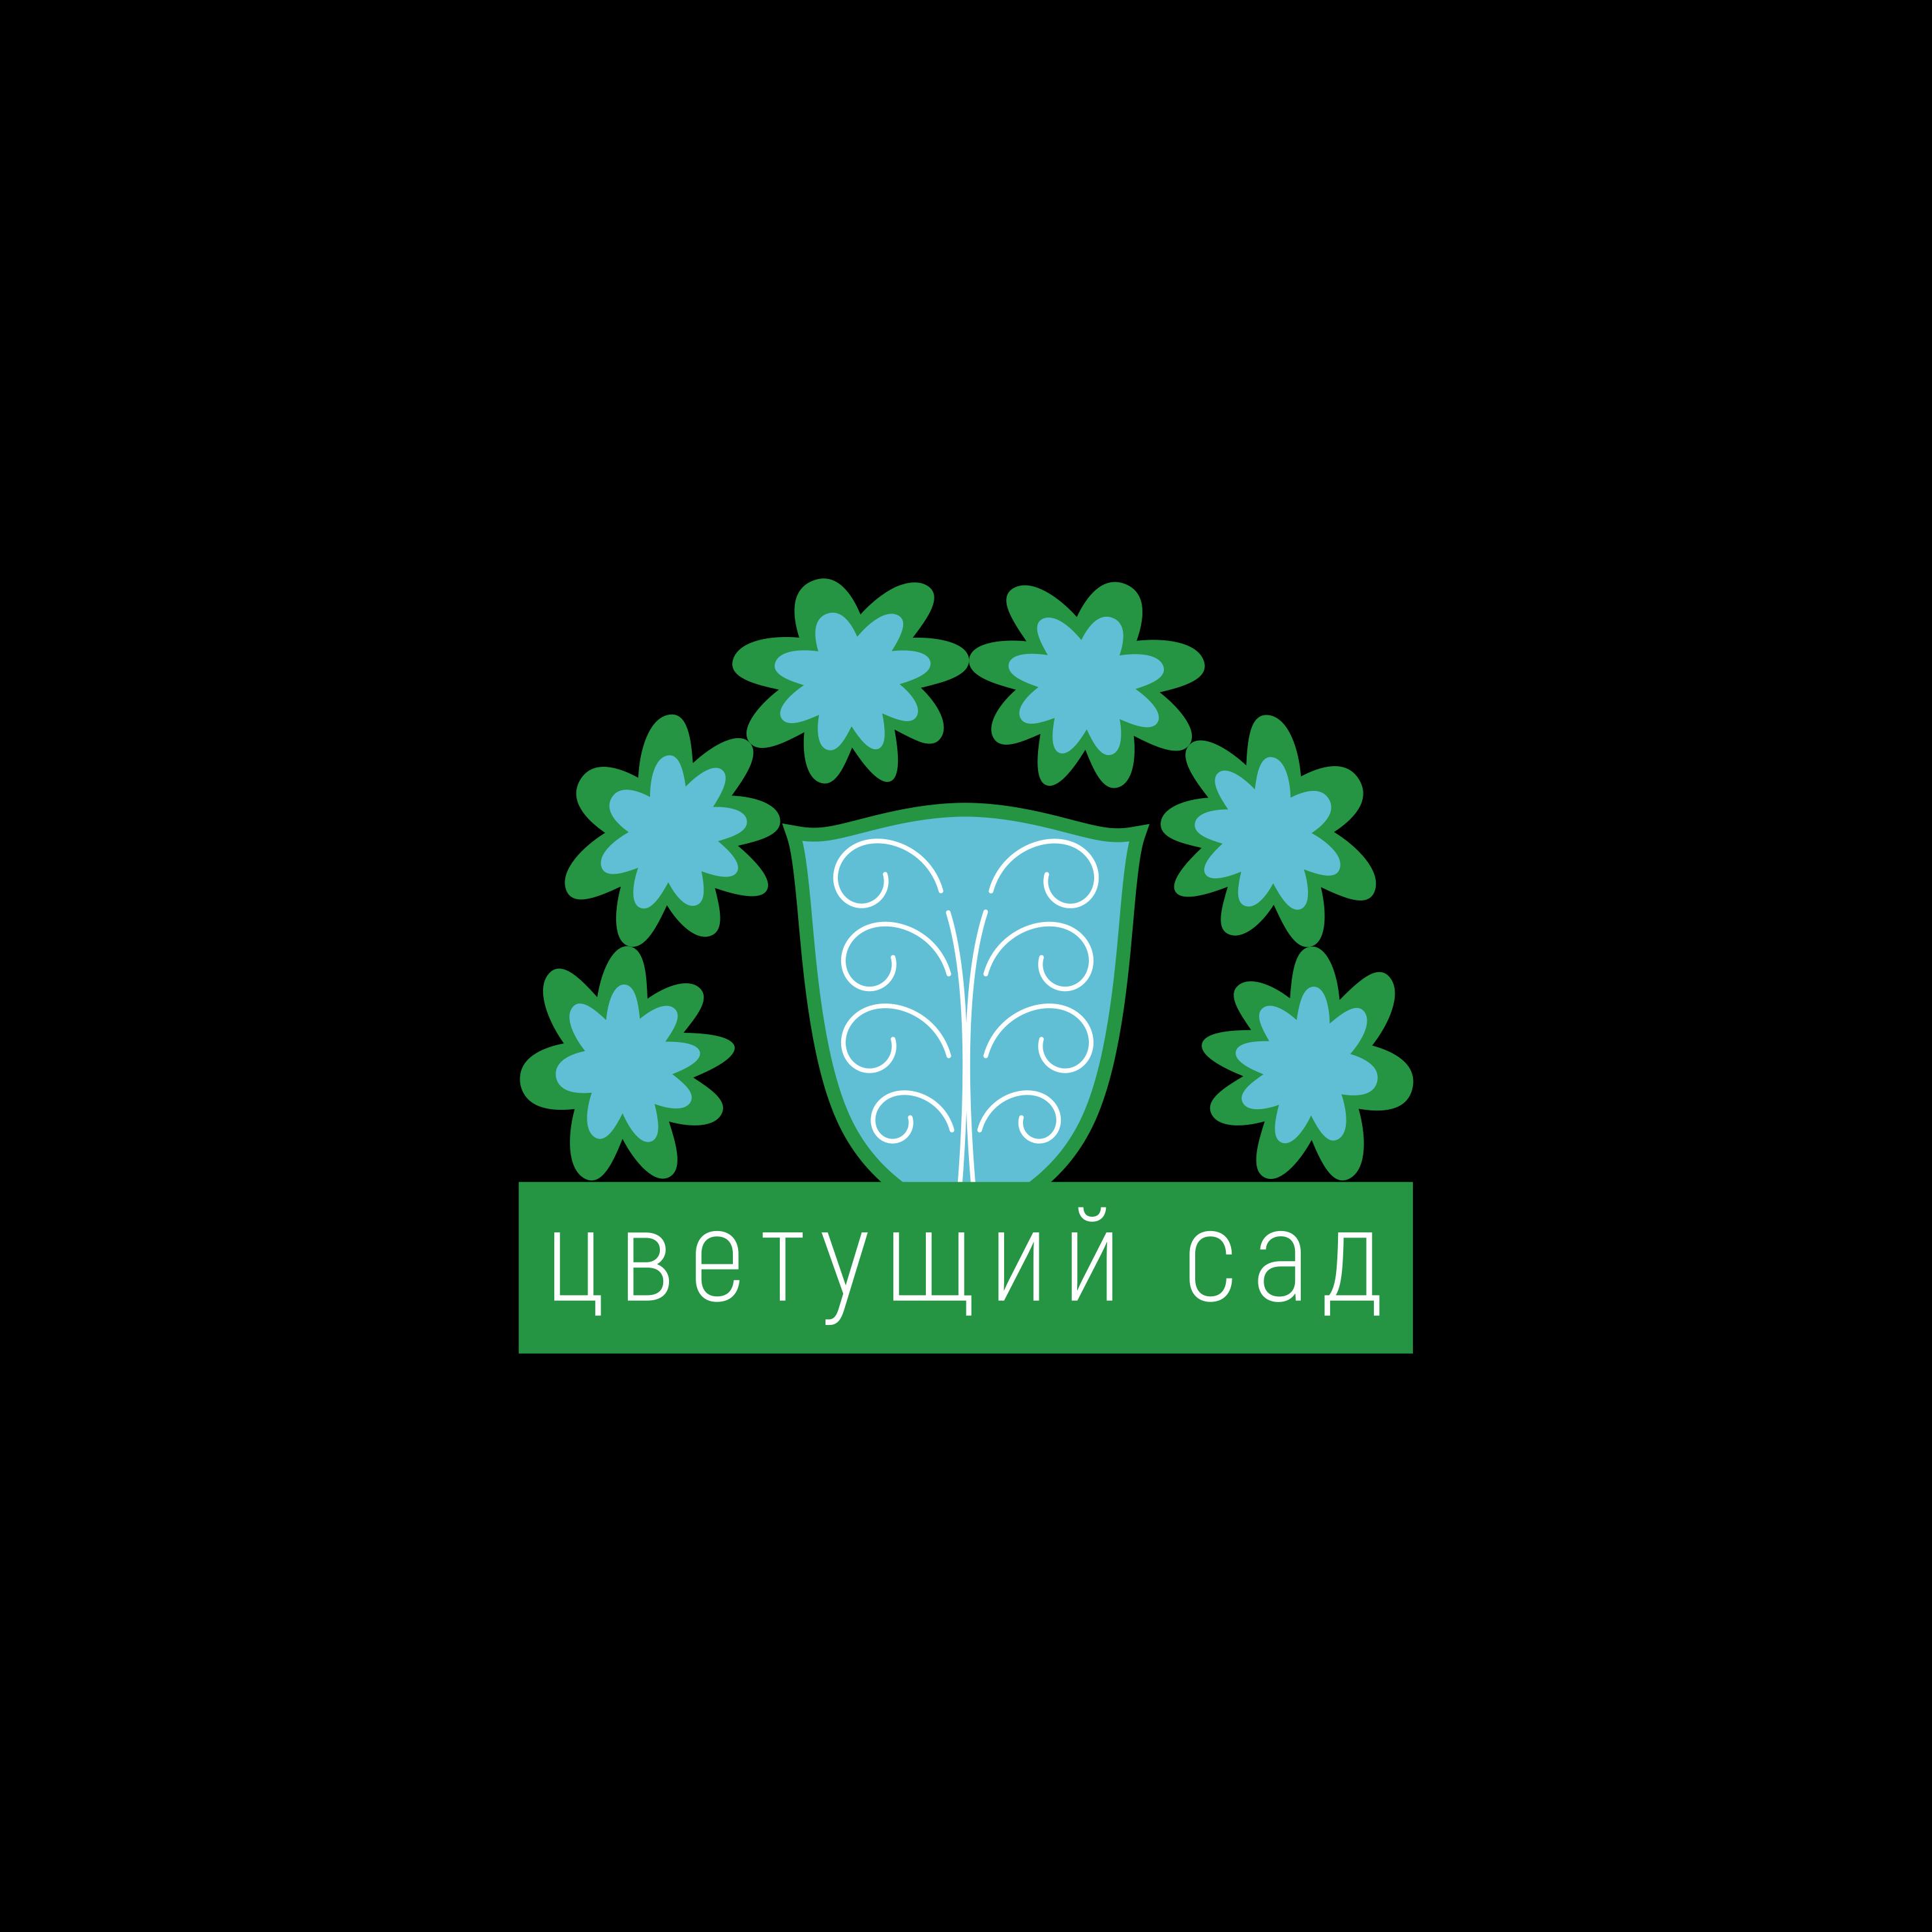 """Логотип для компании """"Цветущий сад"""" фото f_7775b69b8462864d.png"""